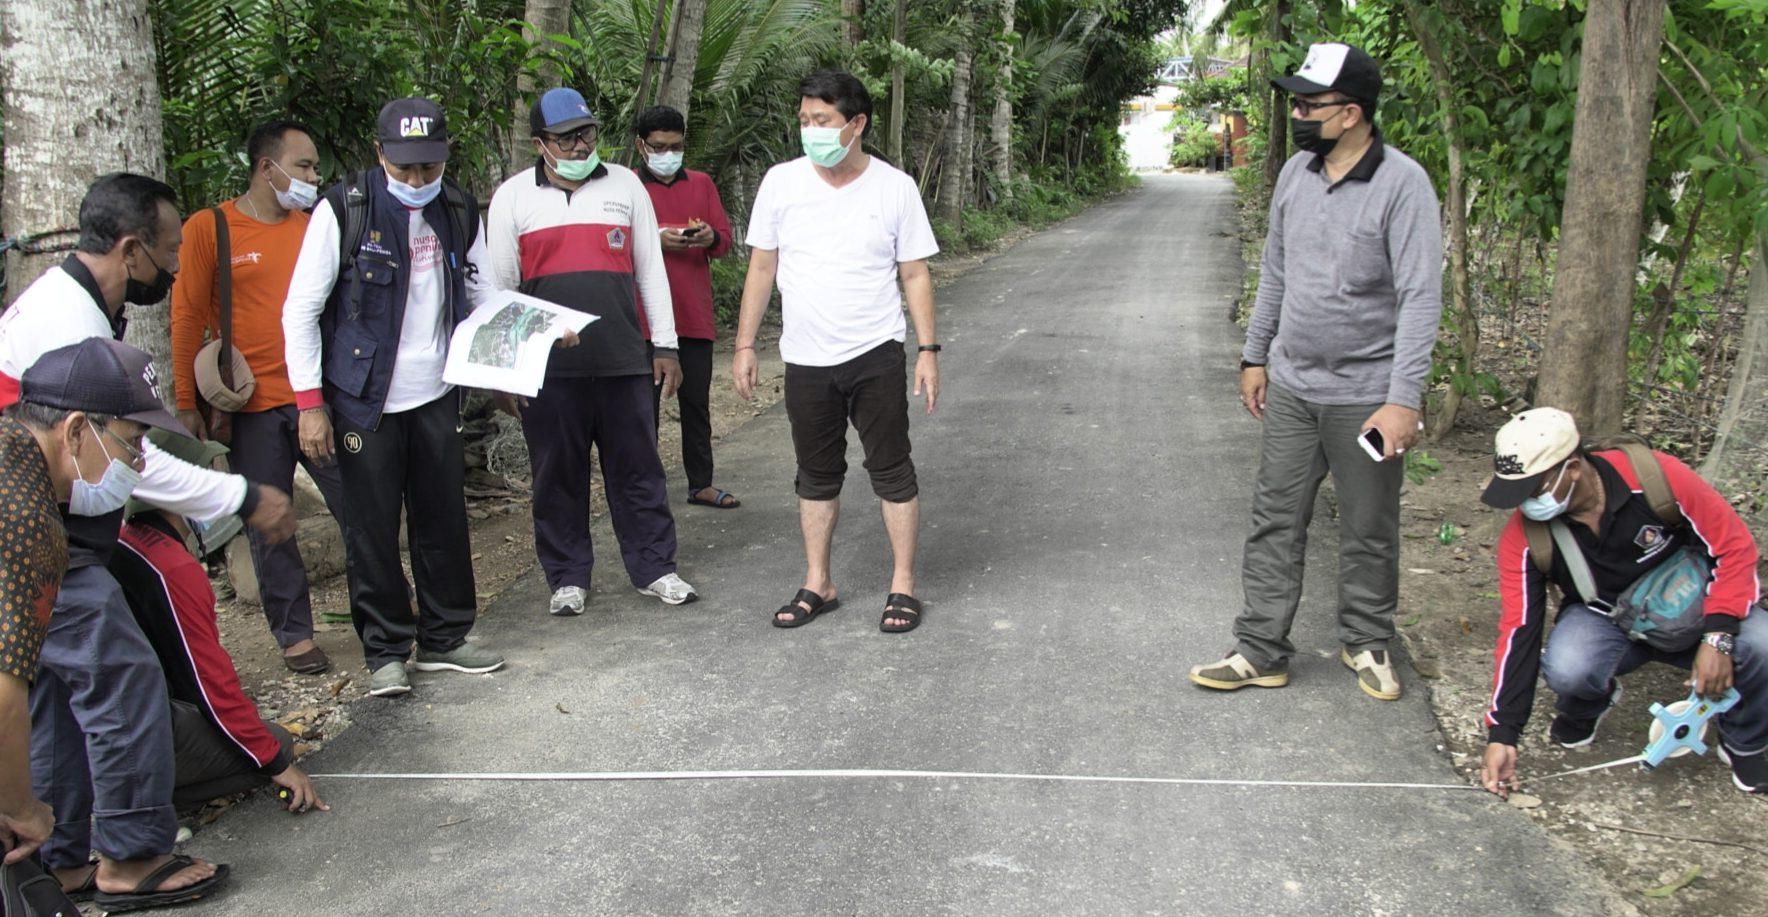 BUPATI Suwirta bersama Kepala Dinas PUPRPKP, Made Jati Laksana, melakukan pengukuran jalan lingkar Nusa Ceningan, Kecamatan Nusa Penida, Jumat (26/2/2021). Foto: ist